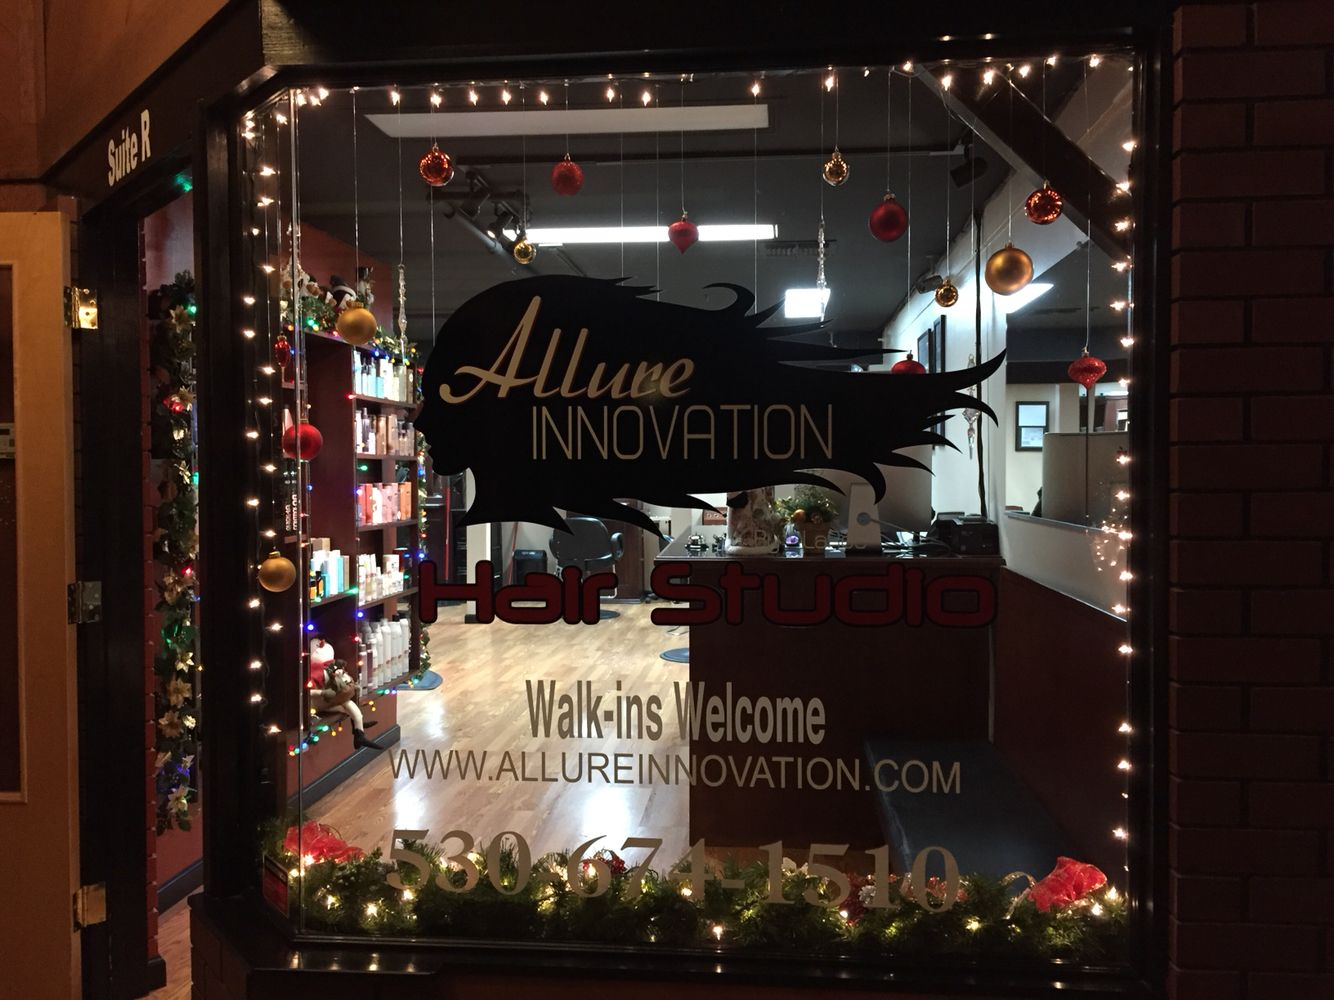 Holidays Decorations For Hair Salon Christmas Decorations Holiday Decor Hair Salon